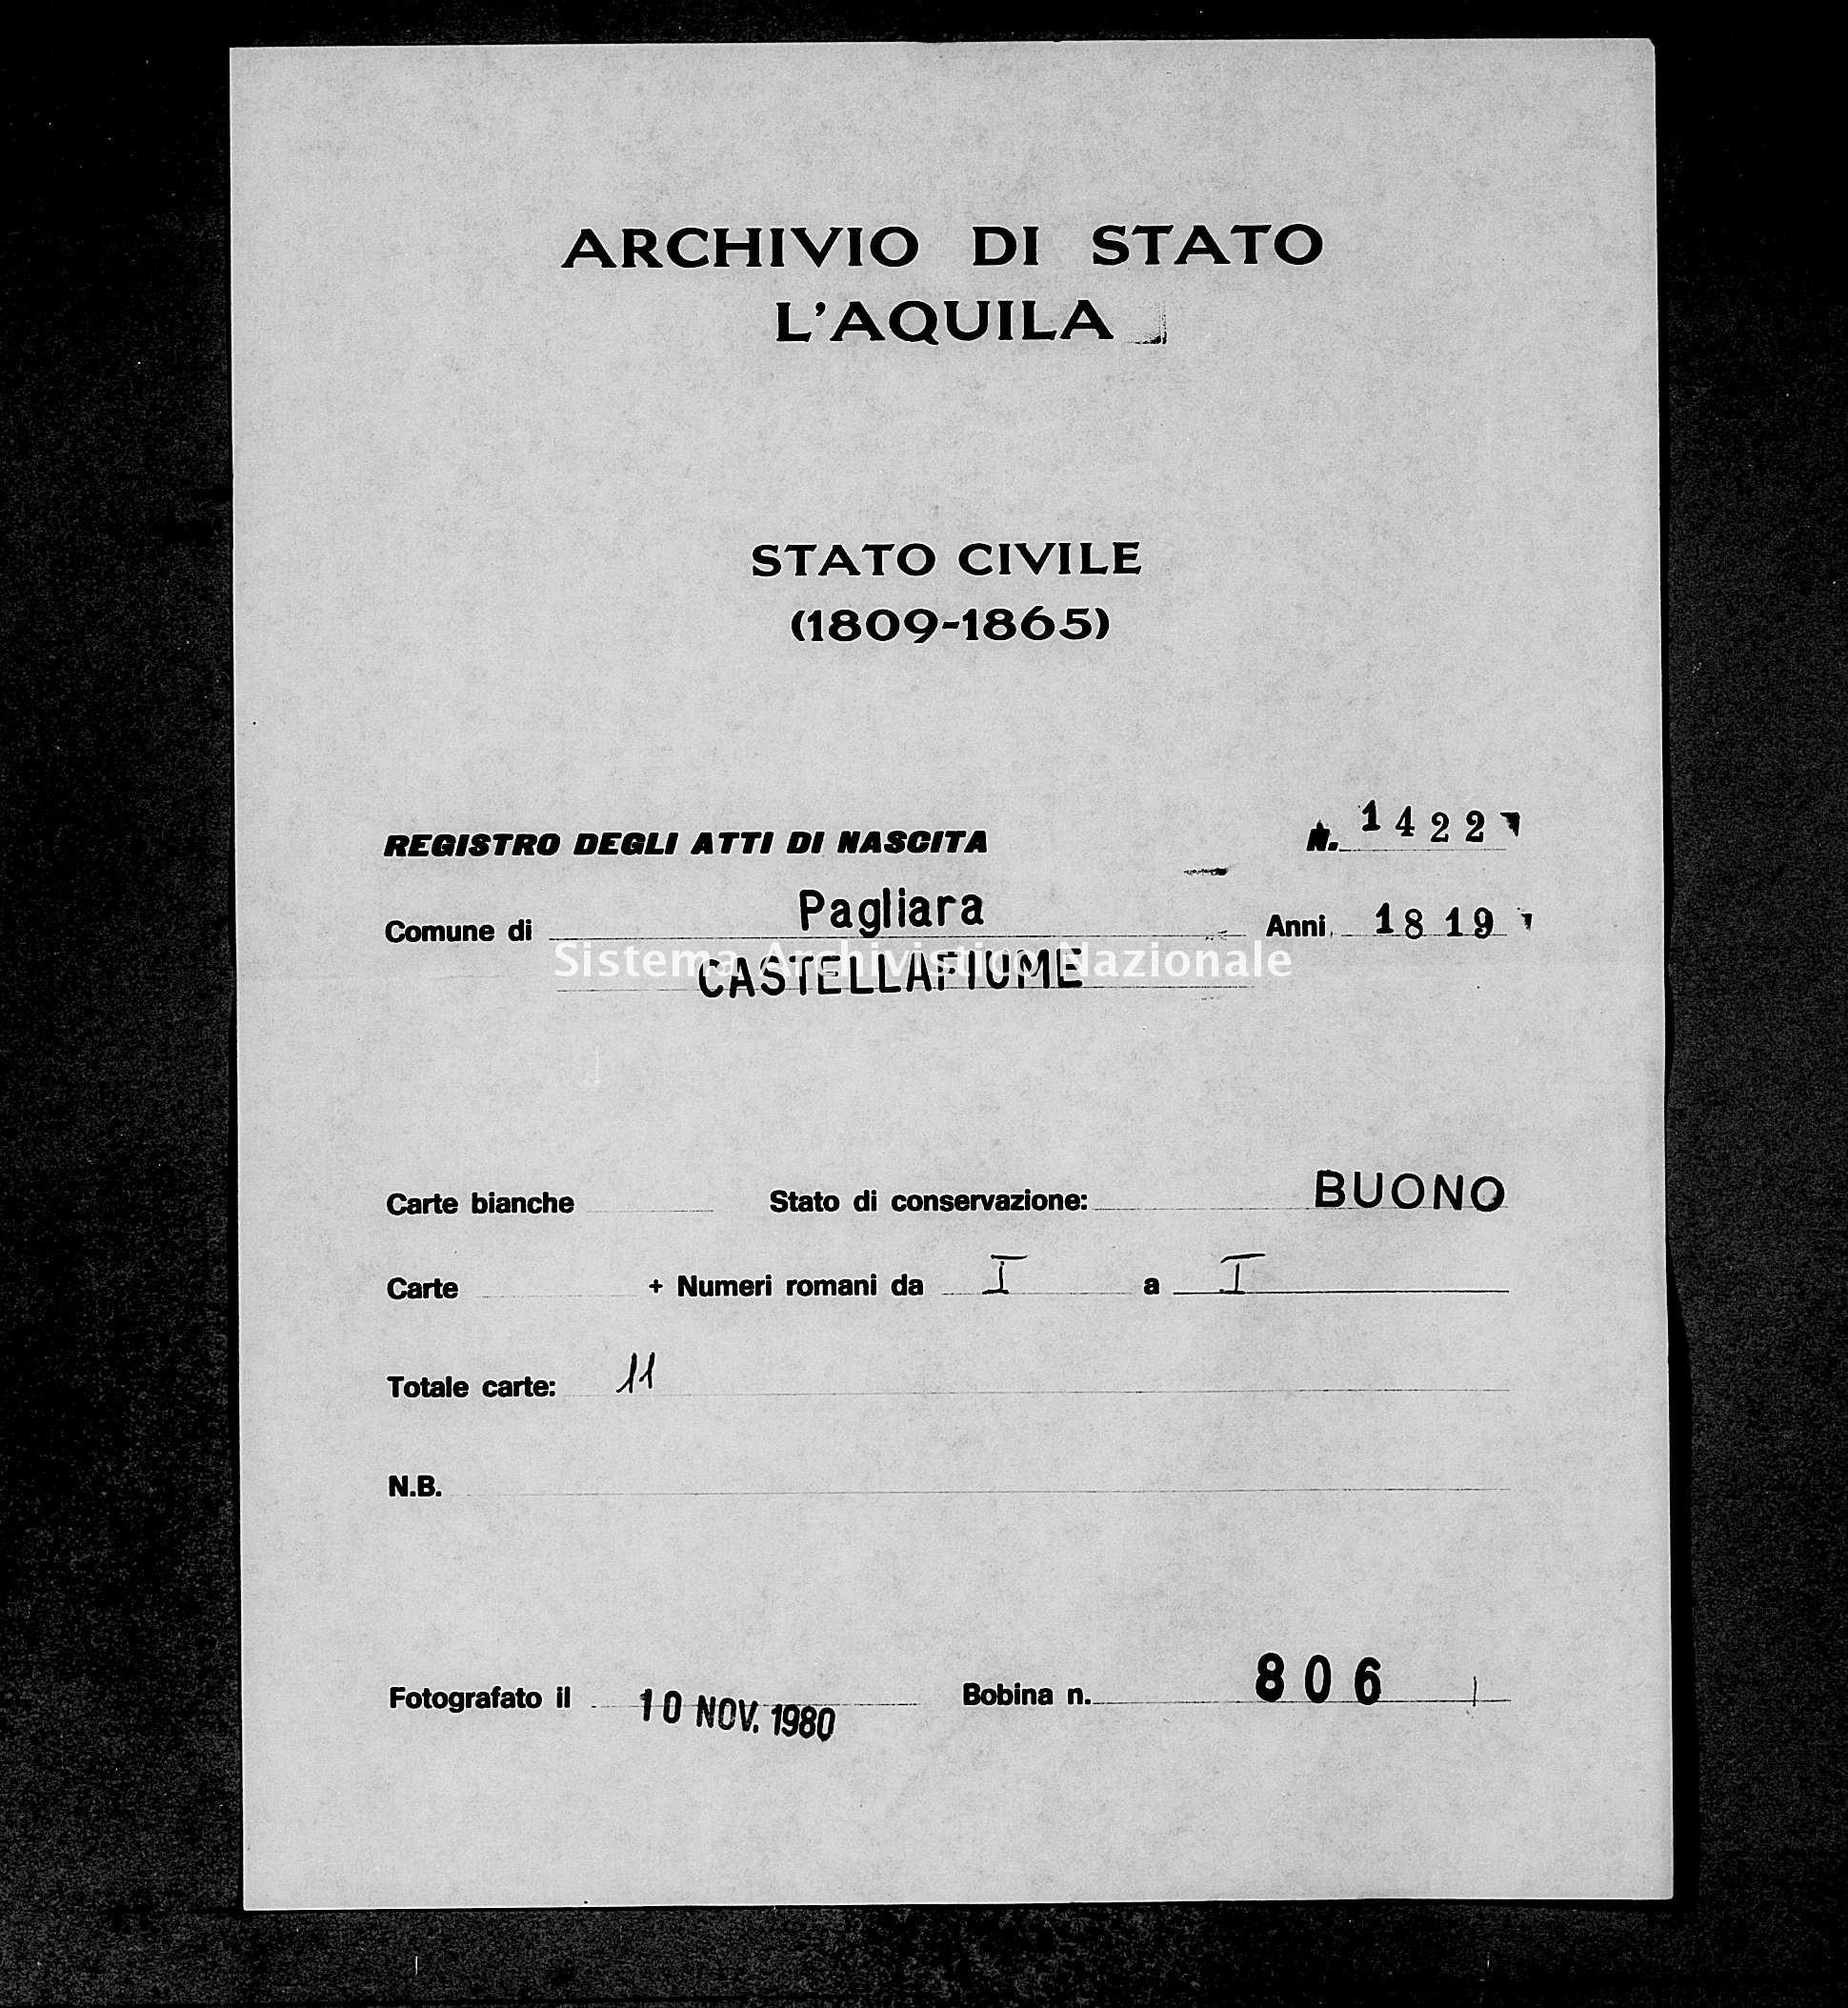 Archivio di stato di L'aquila - Stato civile della restaurazione - Pagliara - Nati - 1819 - 1422 -